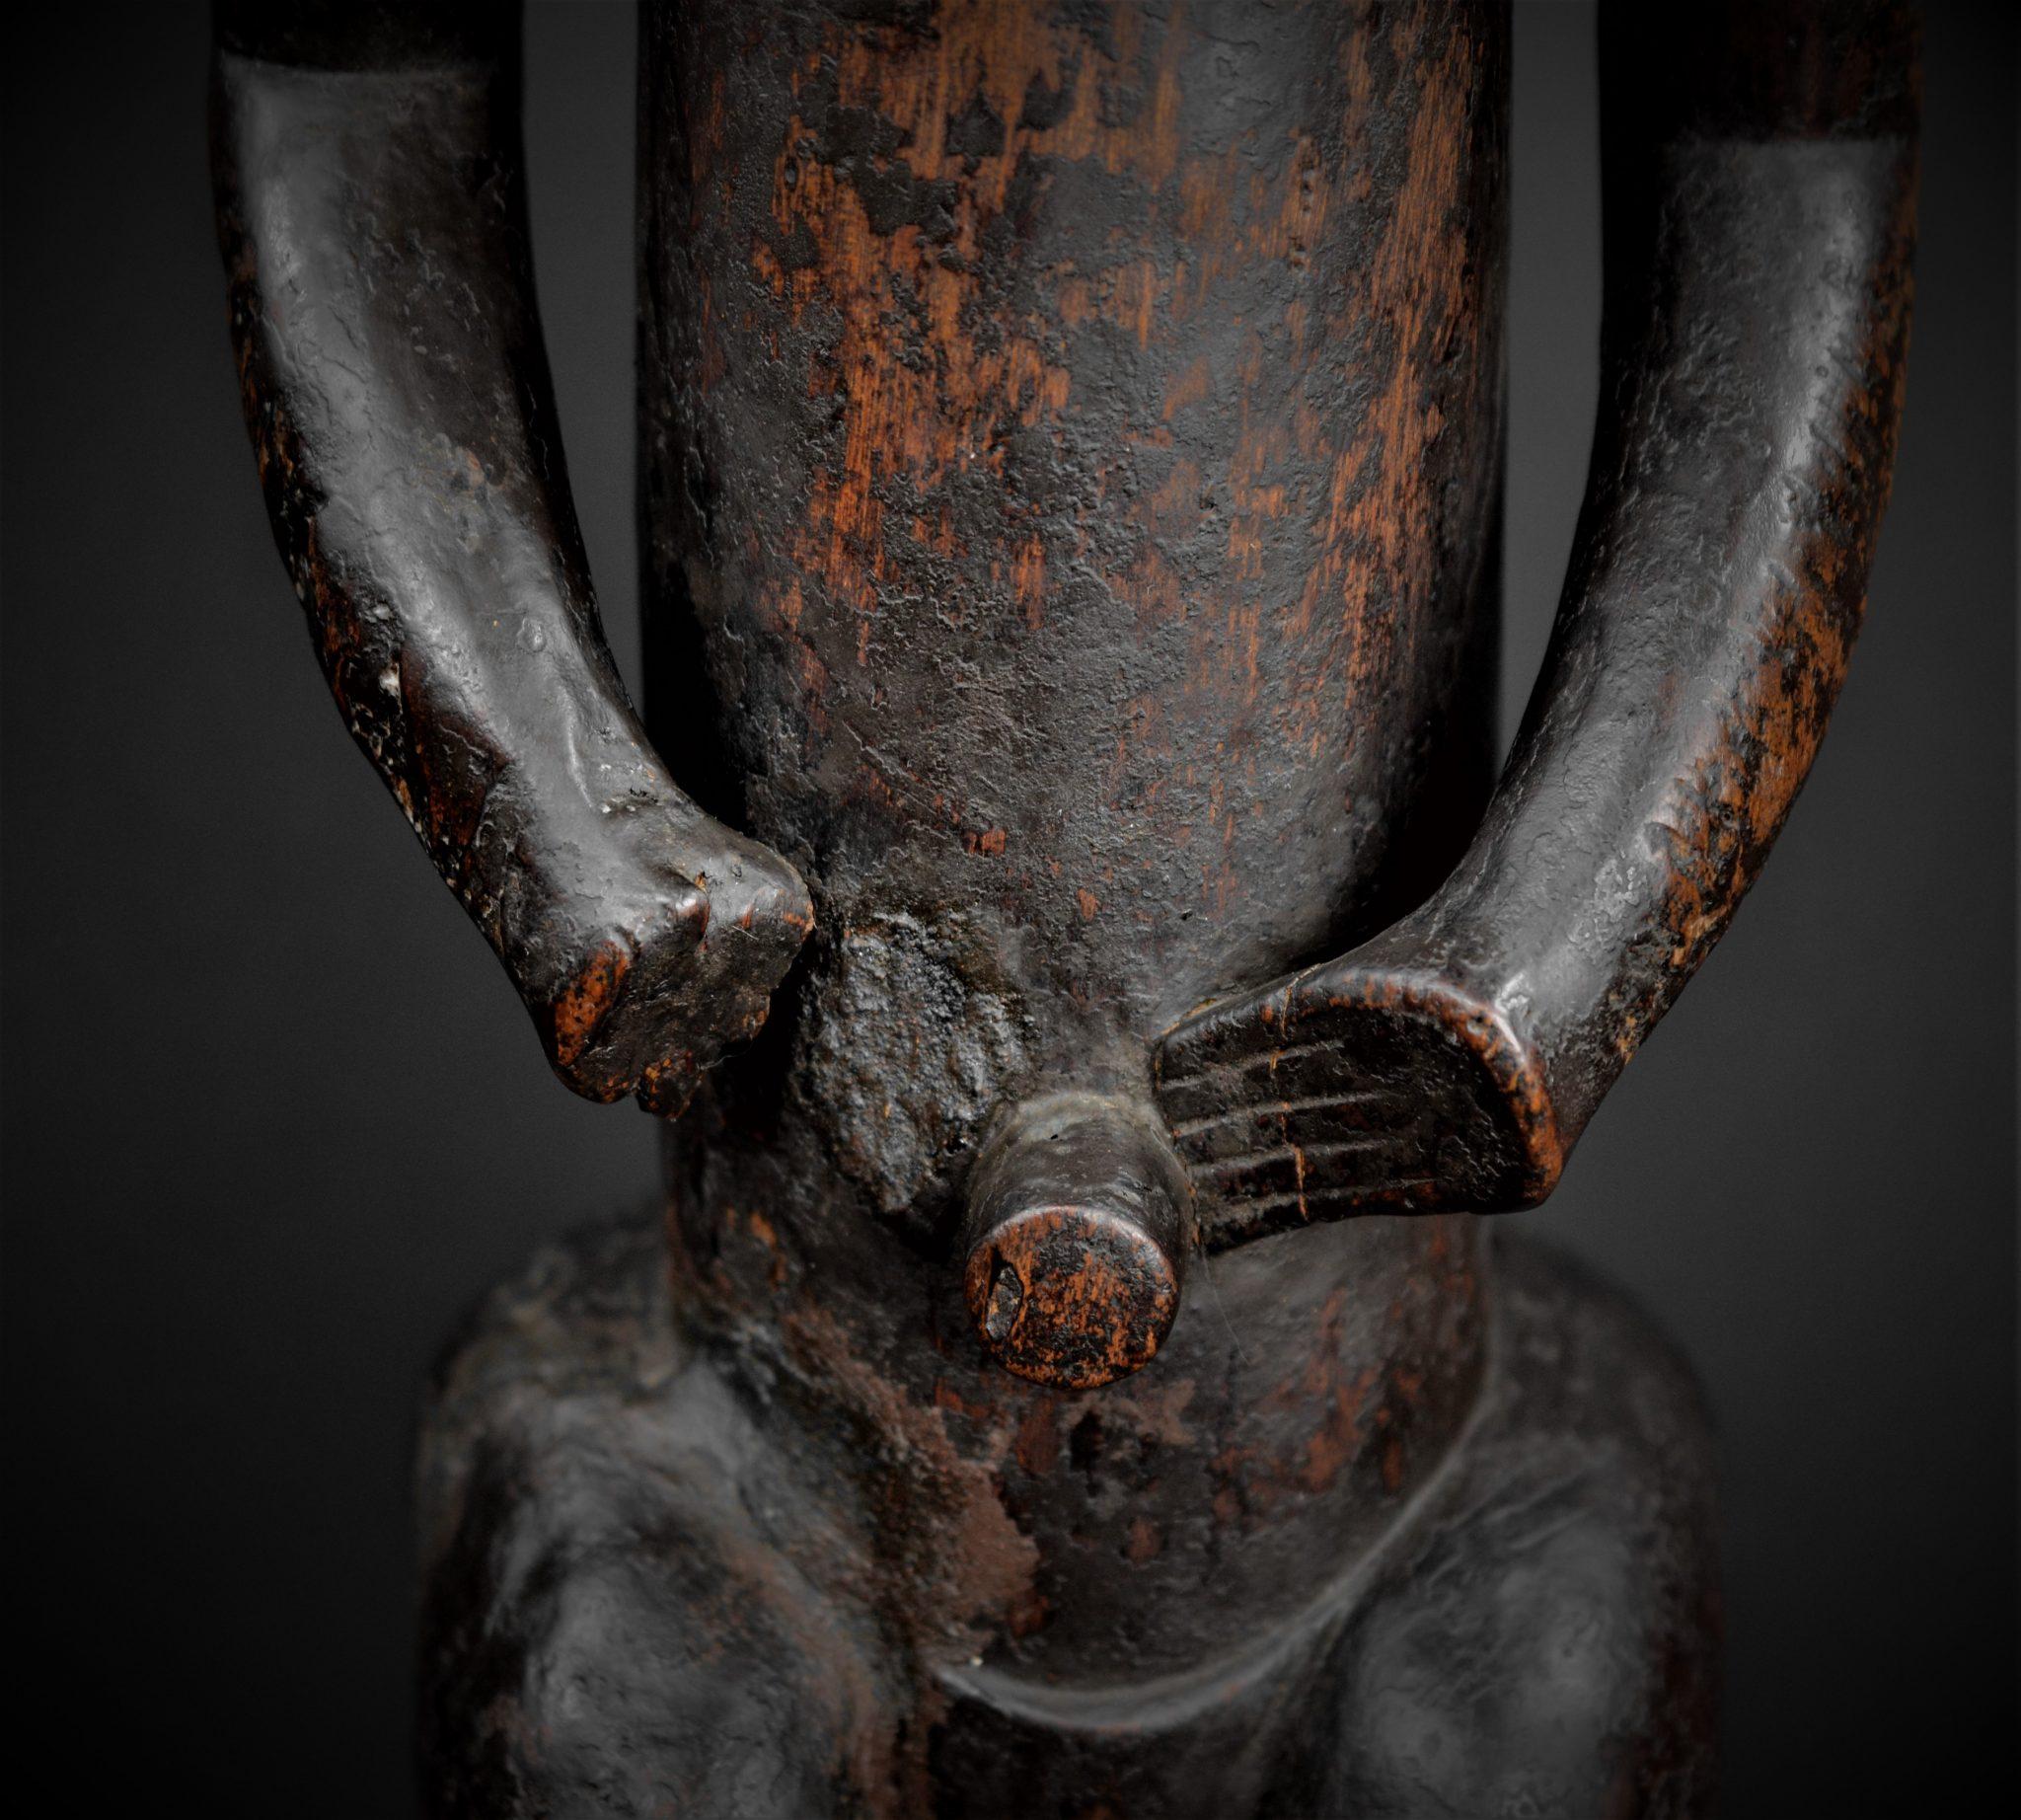 fang gardien reliquaire détail abdomen